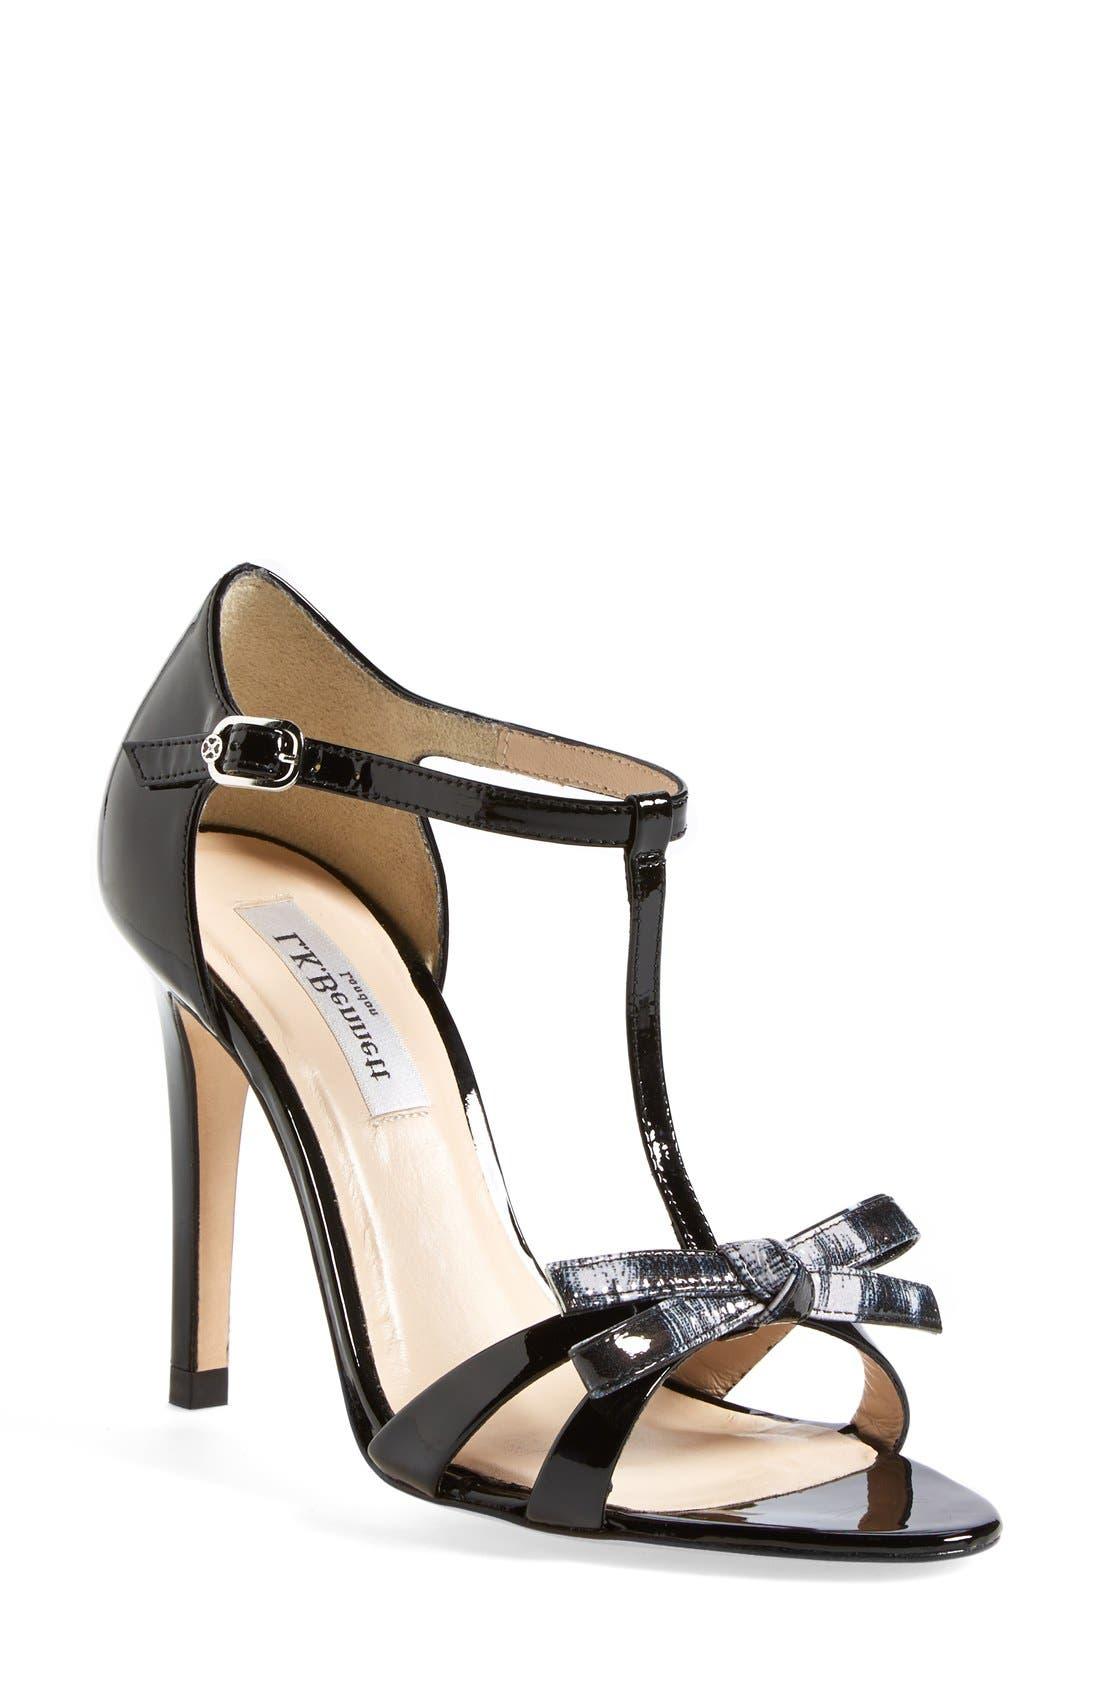 Alternate Image 1 Selected - L.K. Bennett 'Anya' T-Strap Leather Sandal (Women)